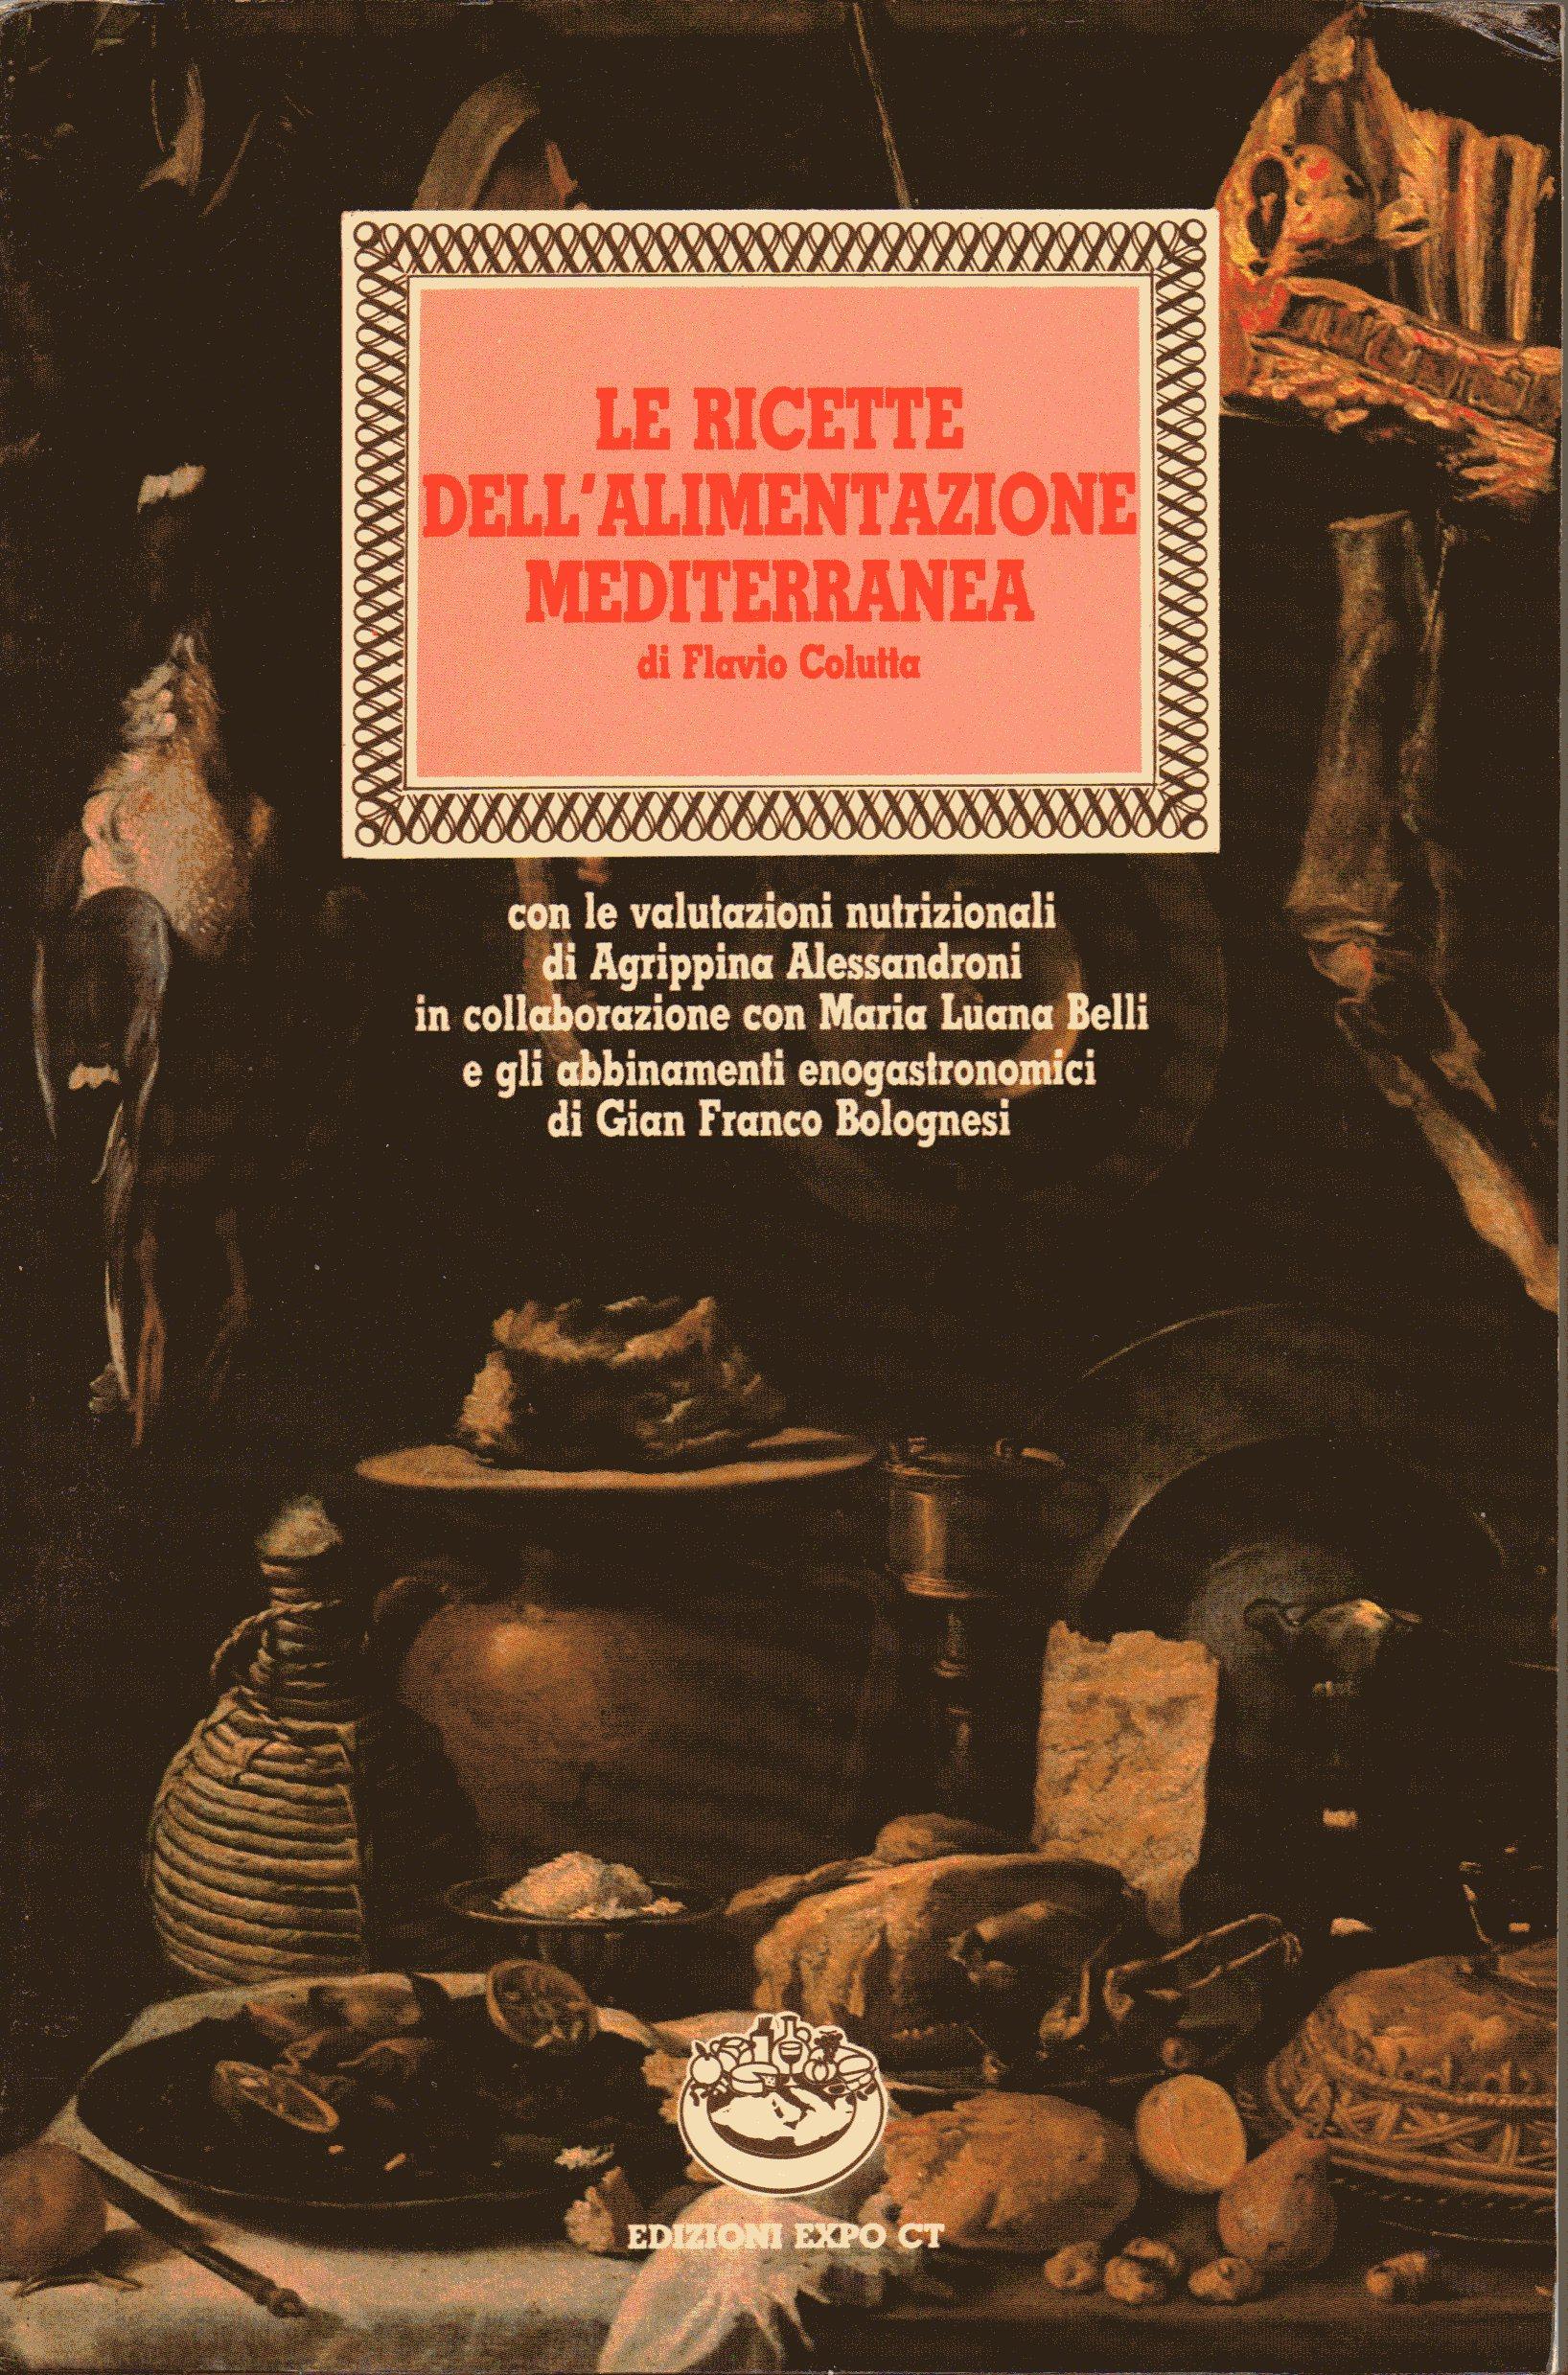 Le ricette dell'alimentazione mediterranea